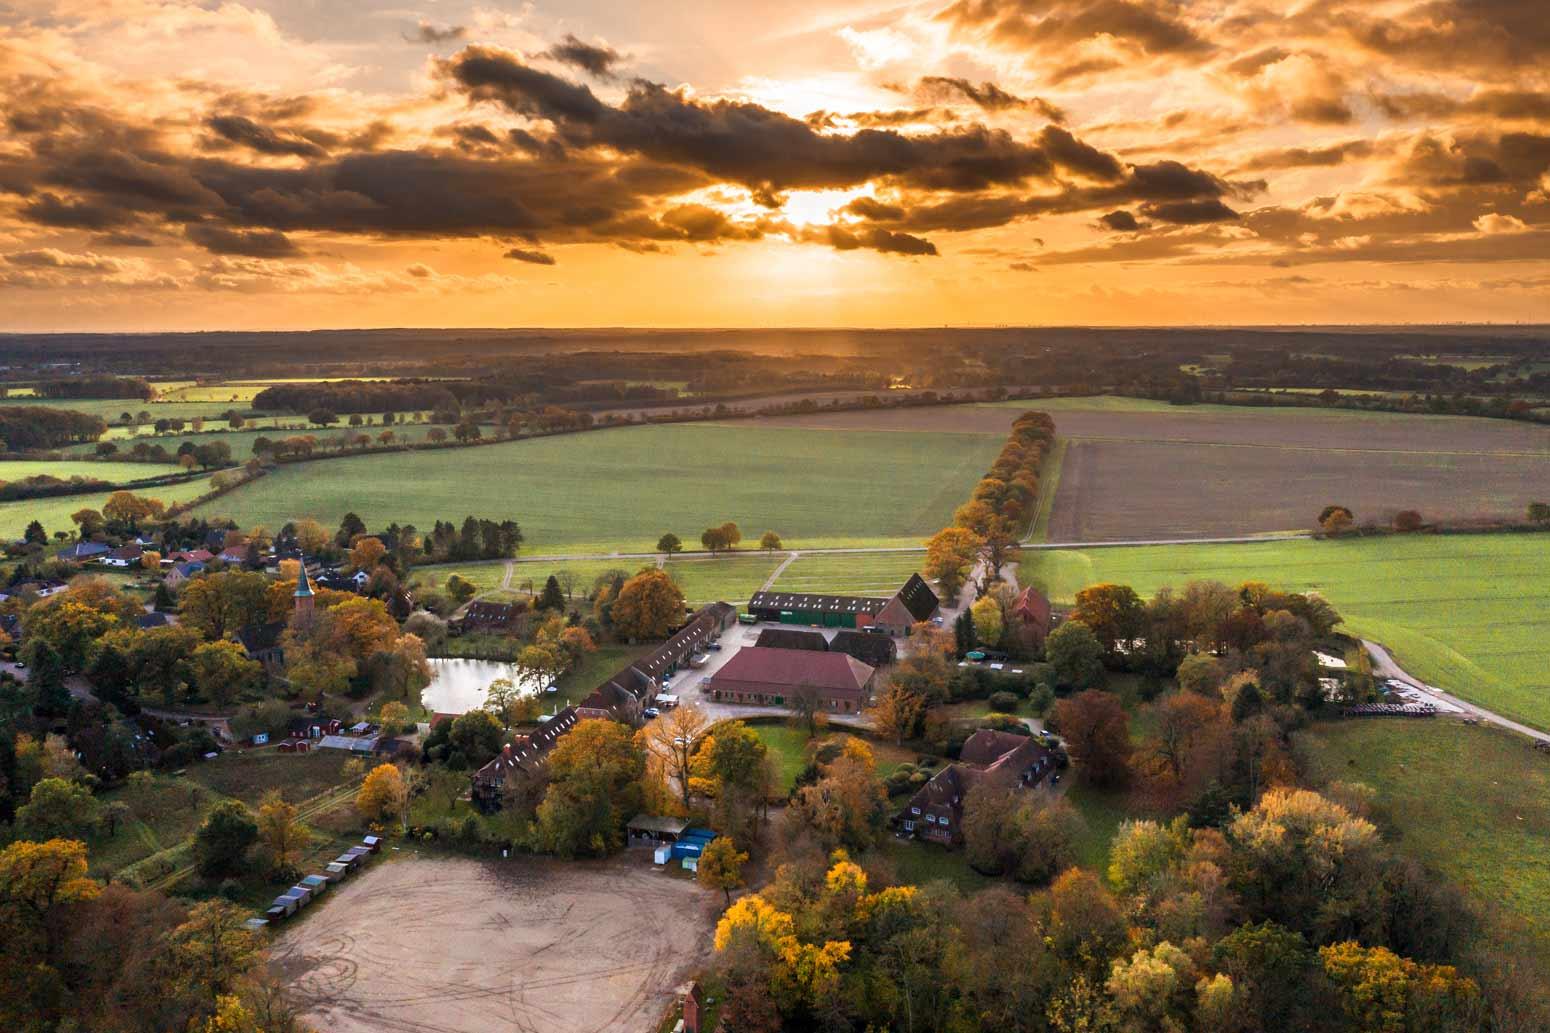 Die Jagdschule auf dem Gut Basthorst bei Hamburg im Herbst bei Sonnenuntergang aus Osten in Richtung Hamburg. Die Sonne am Abendhimmel nach einem Regenfall.